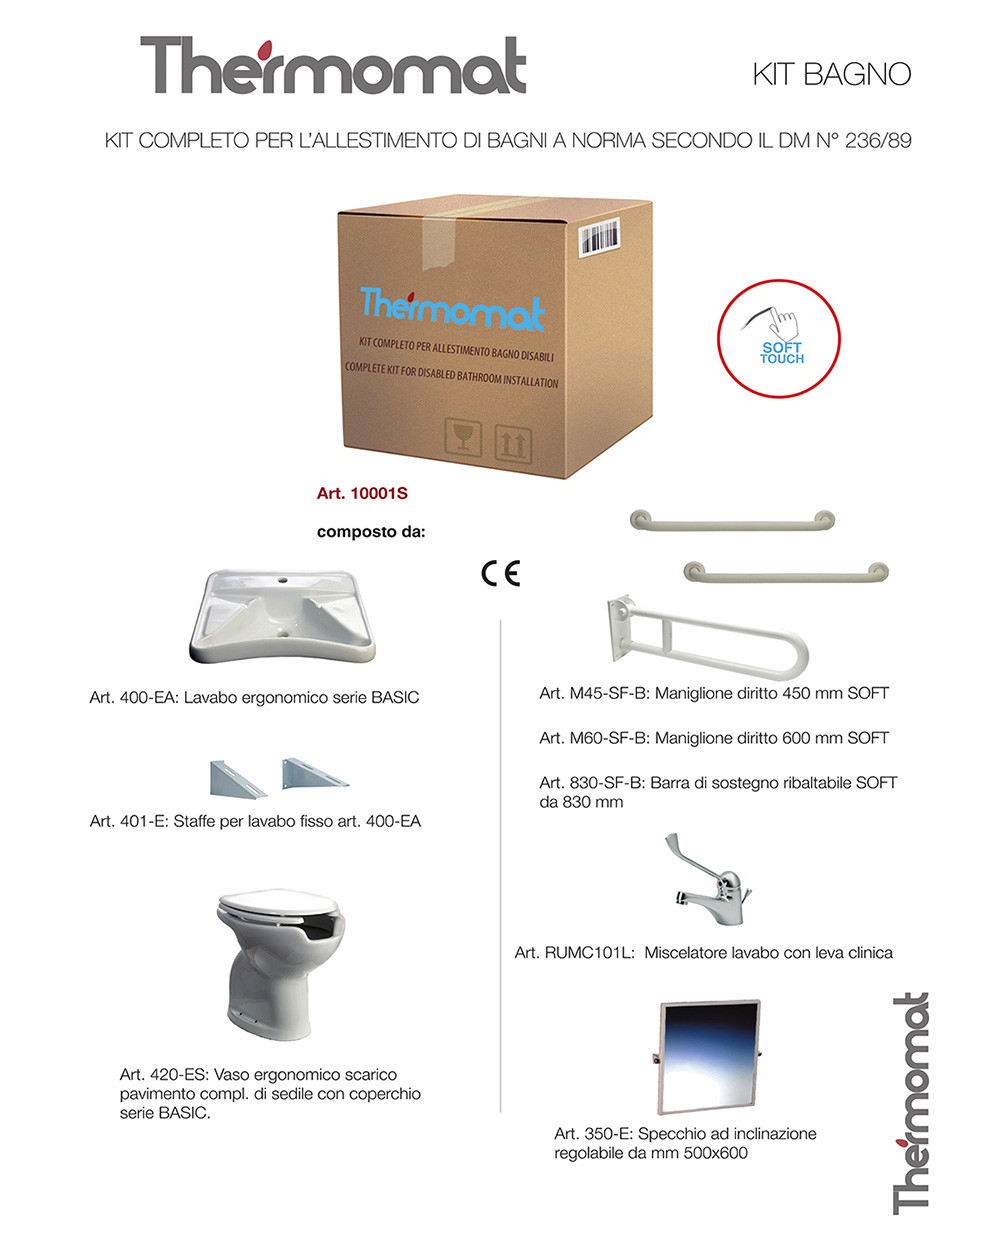 Accessori Bagno Disabili Thermomat.Thermomat Kit Completo Per L Allestimento Di Bagni Per Disabili A Norma Secondo Il Dm N 236 89 Universo Ceramiche